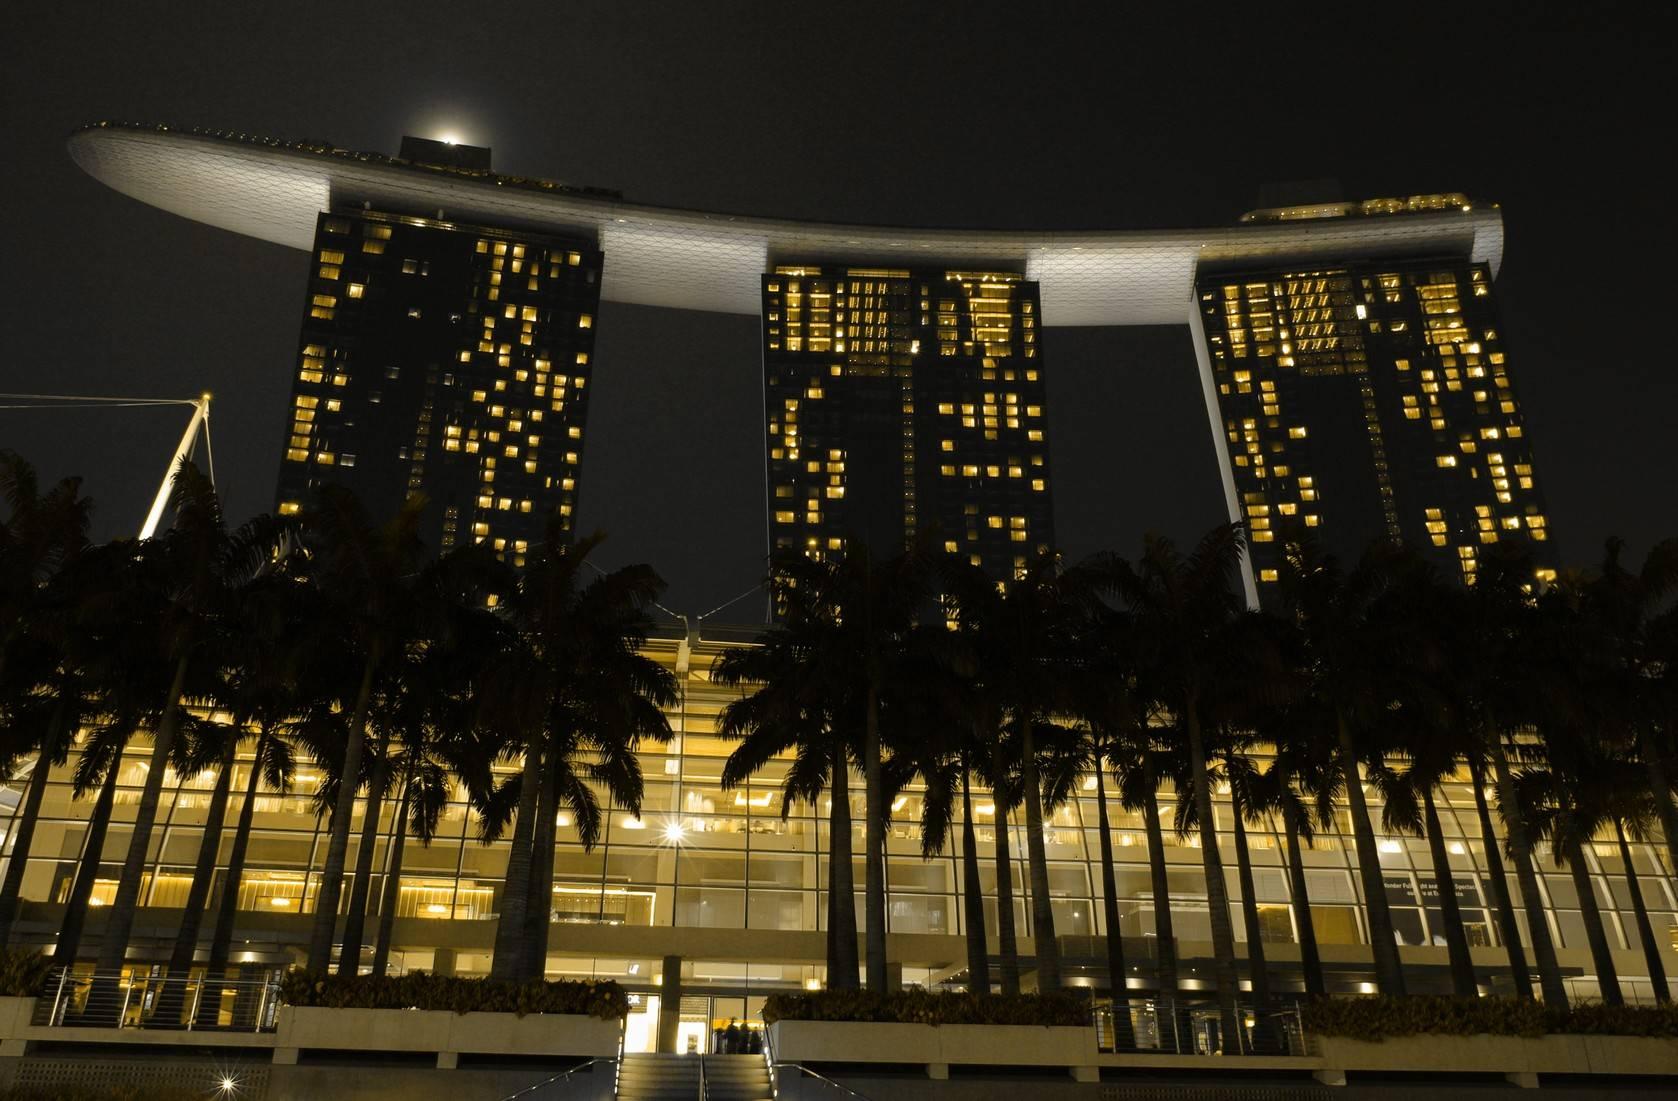 Photo 2: Meilleur rooftop de Singapour